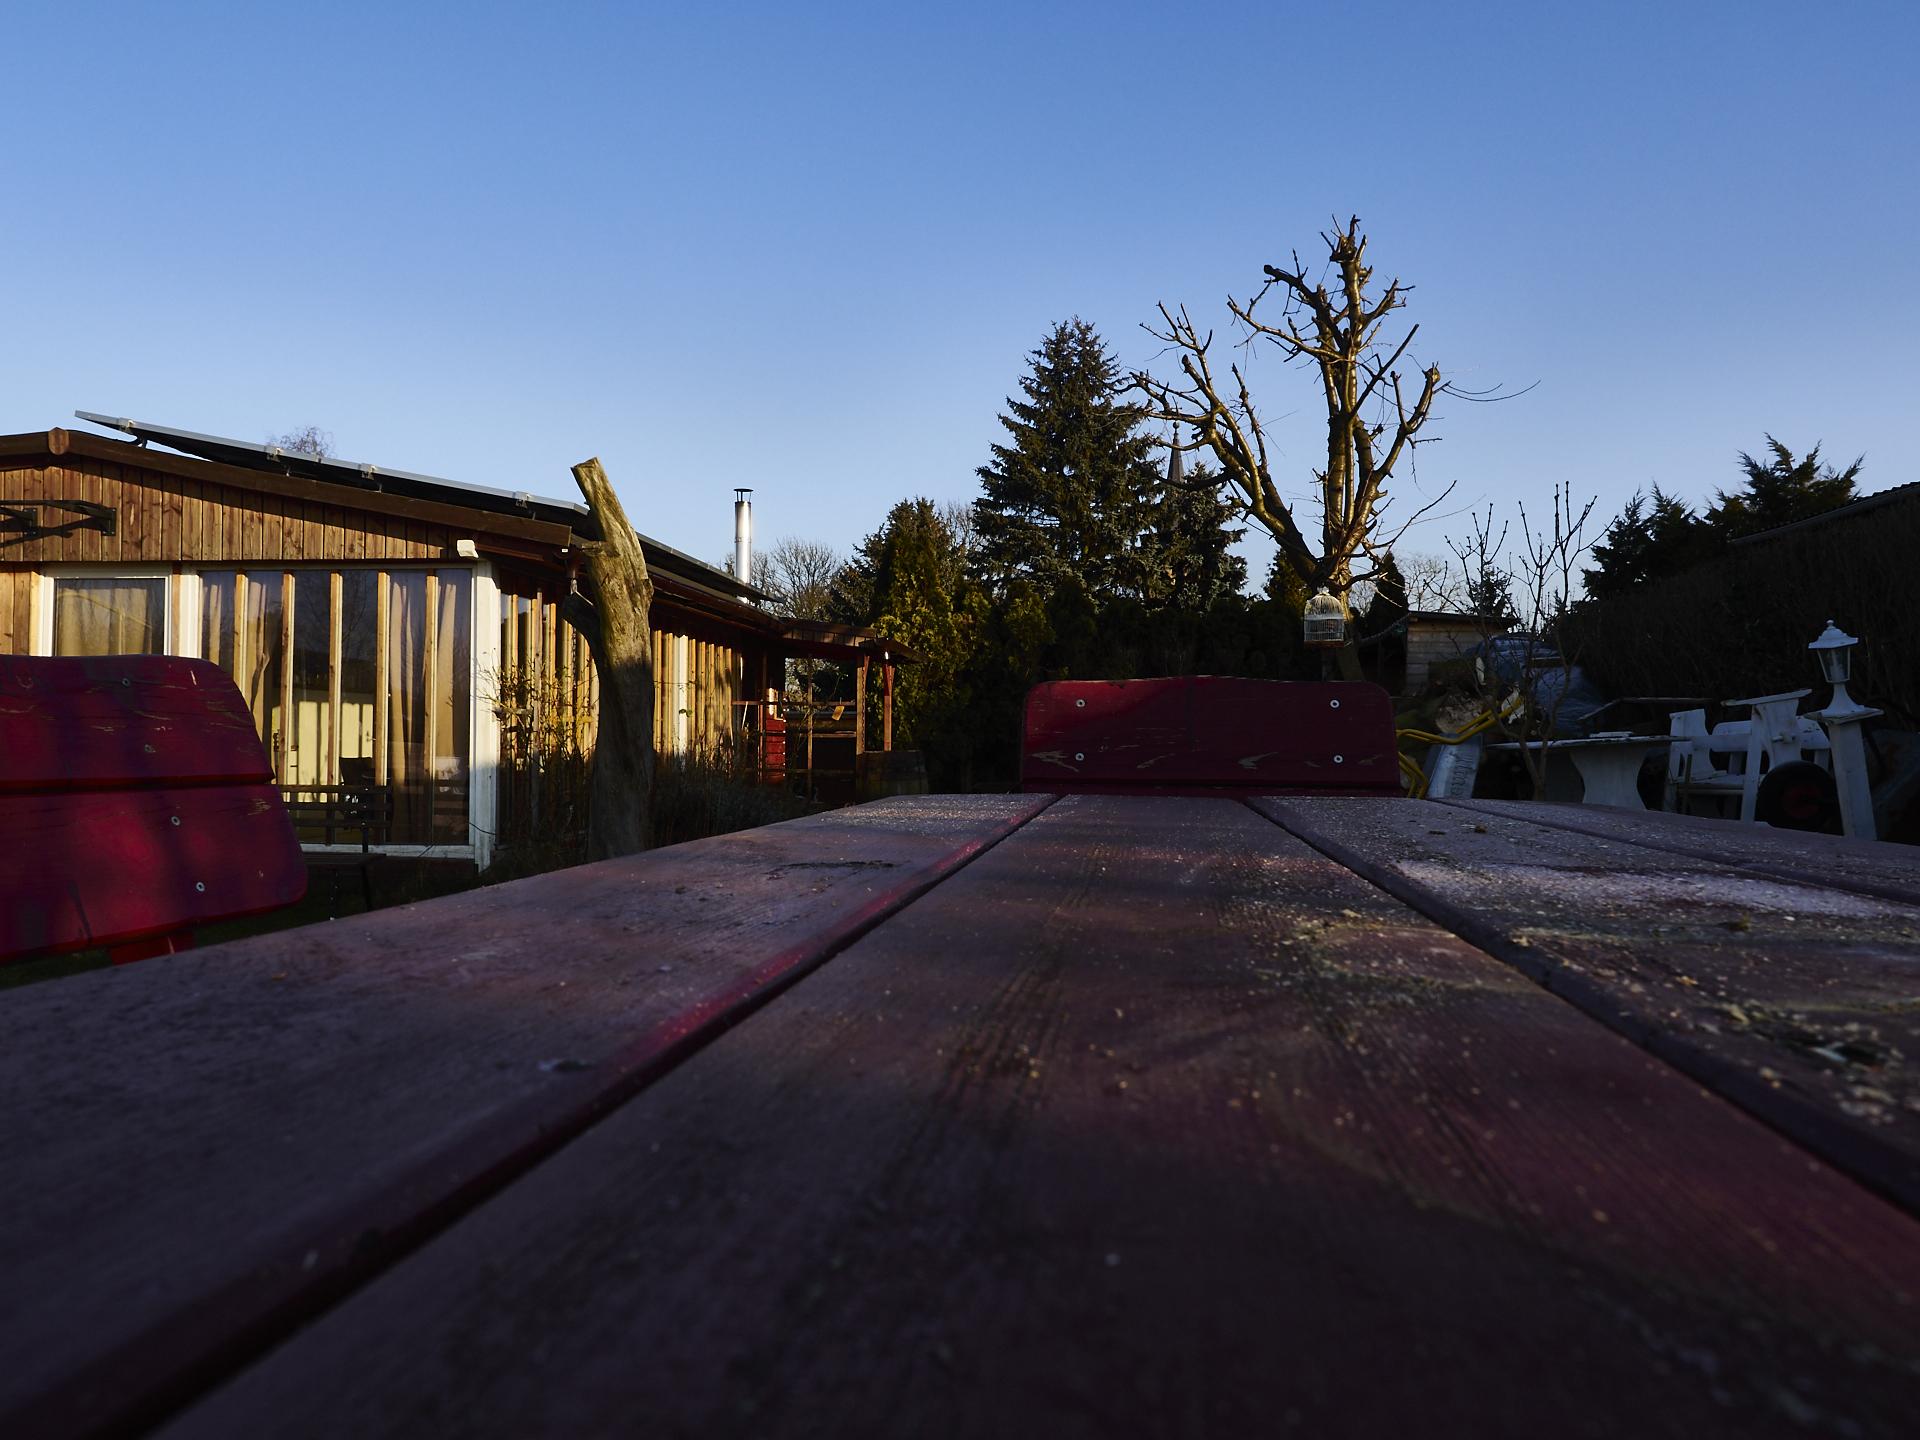 Sonnenschein at Dakota Home